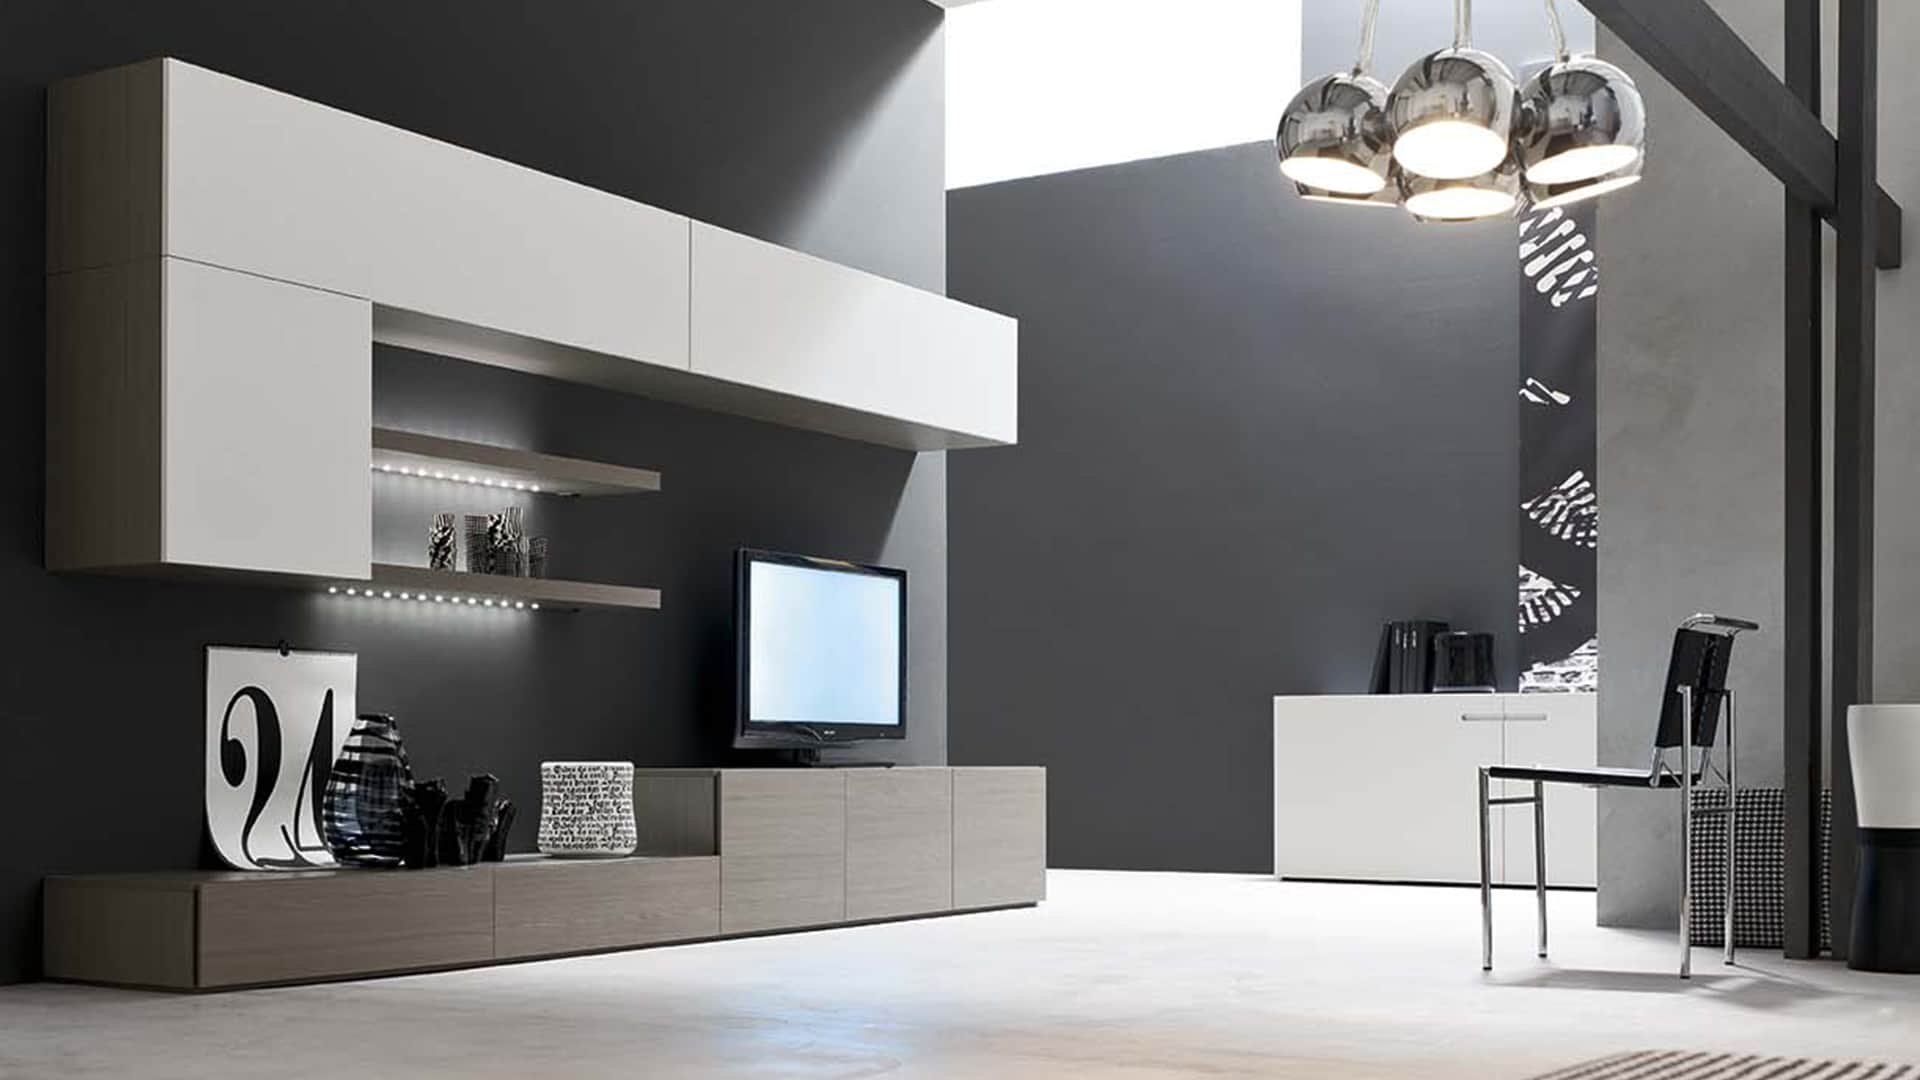 Soggiorni mobili economici idee per il design della casa for Mobili da soggiorno moderni